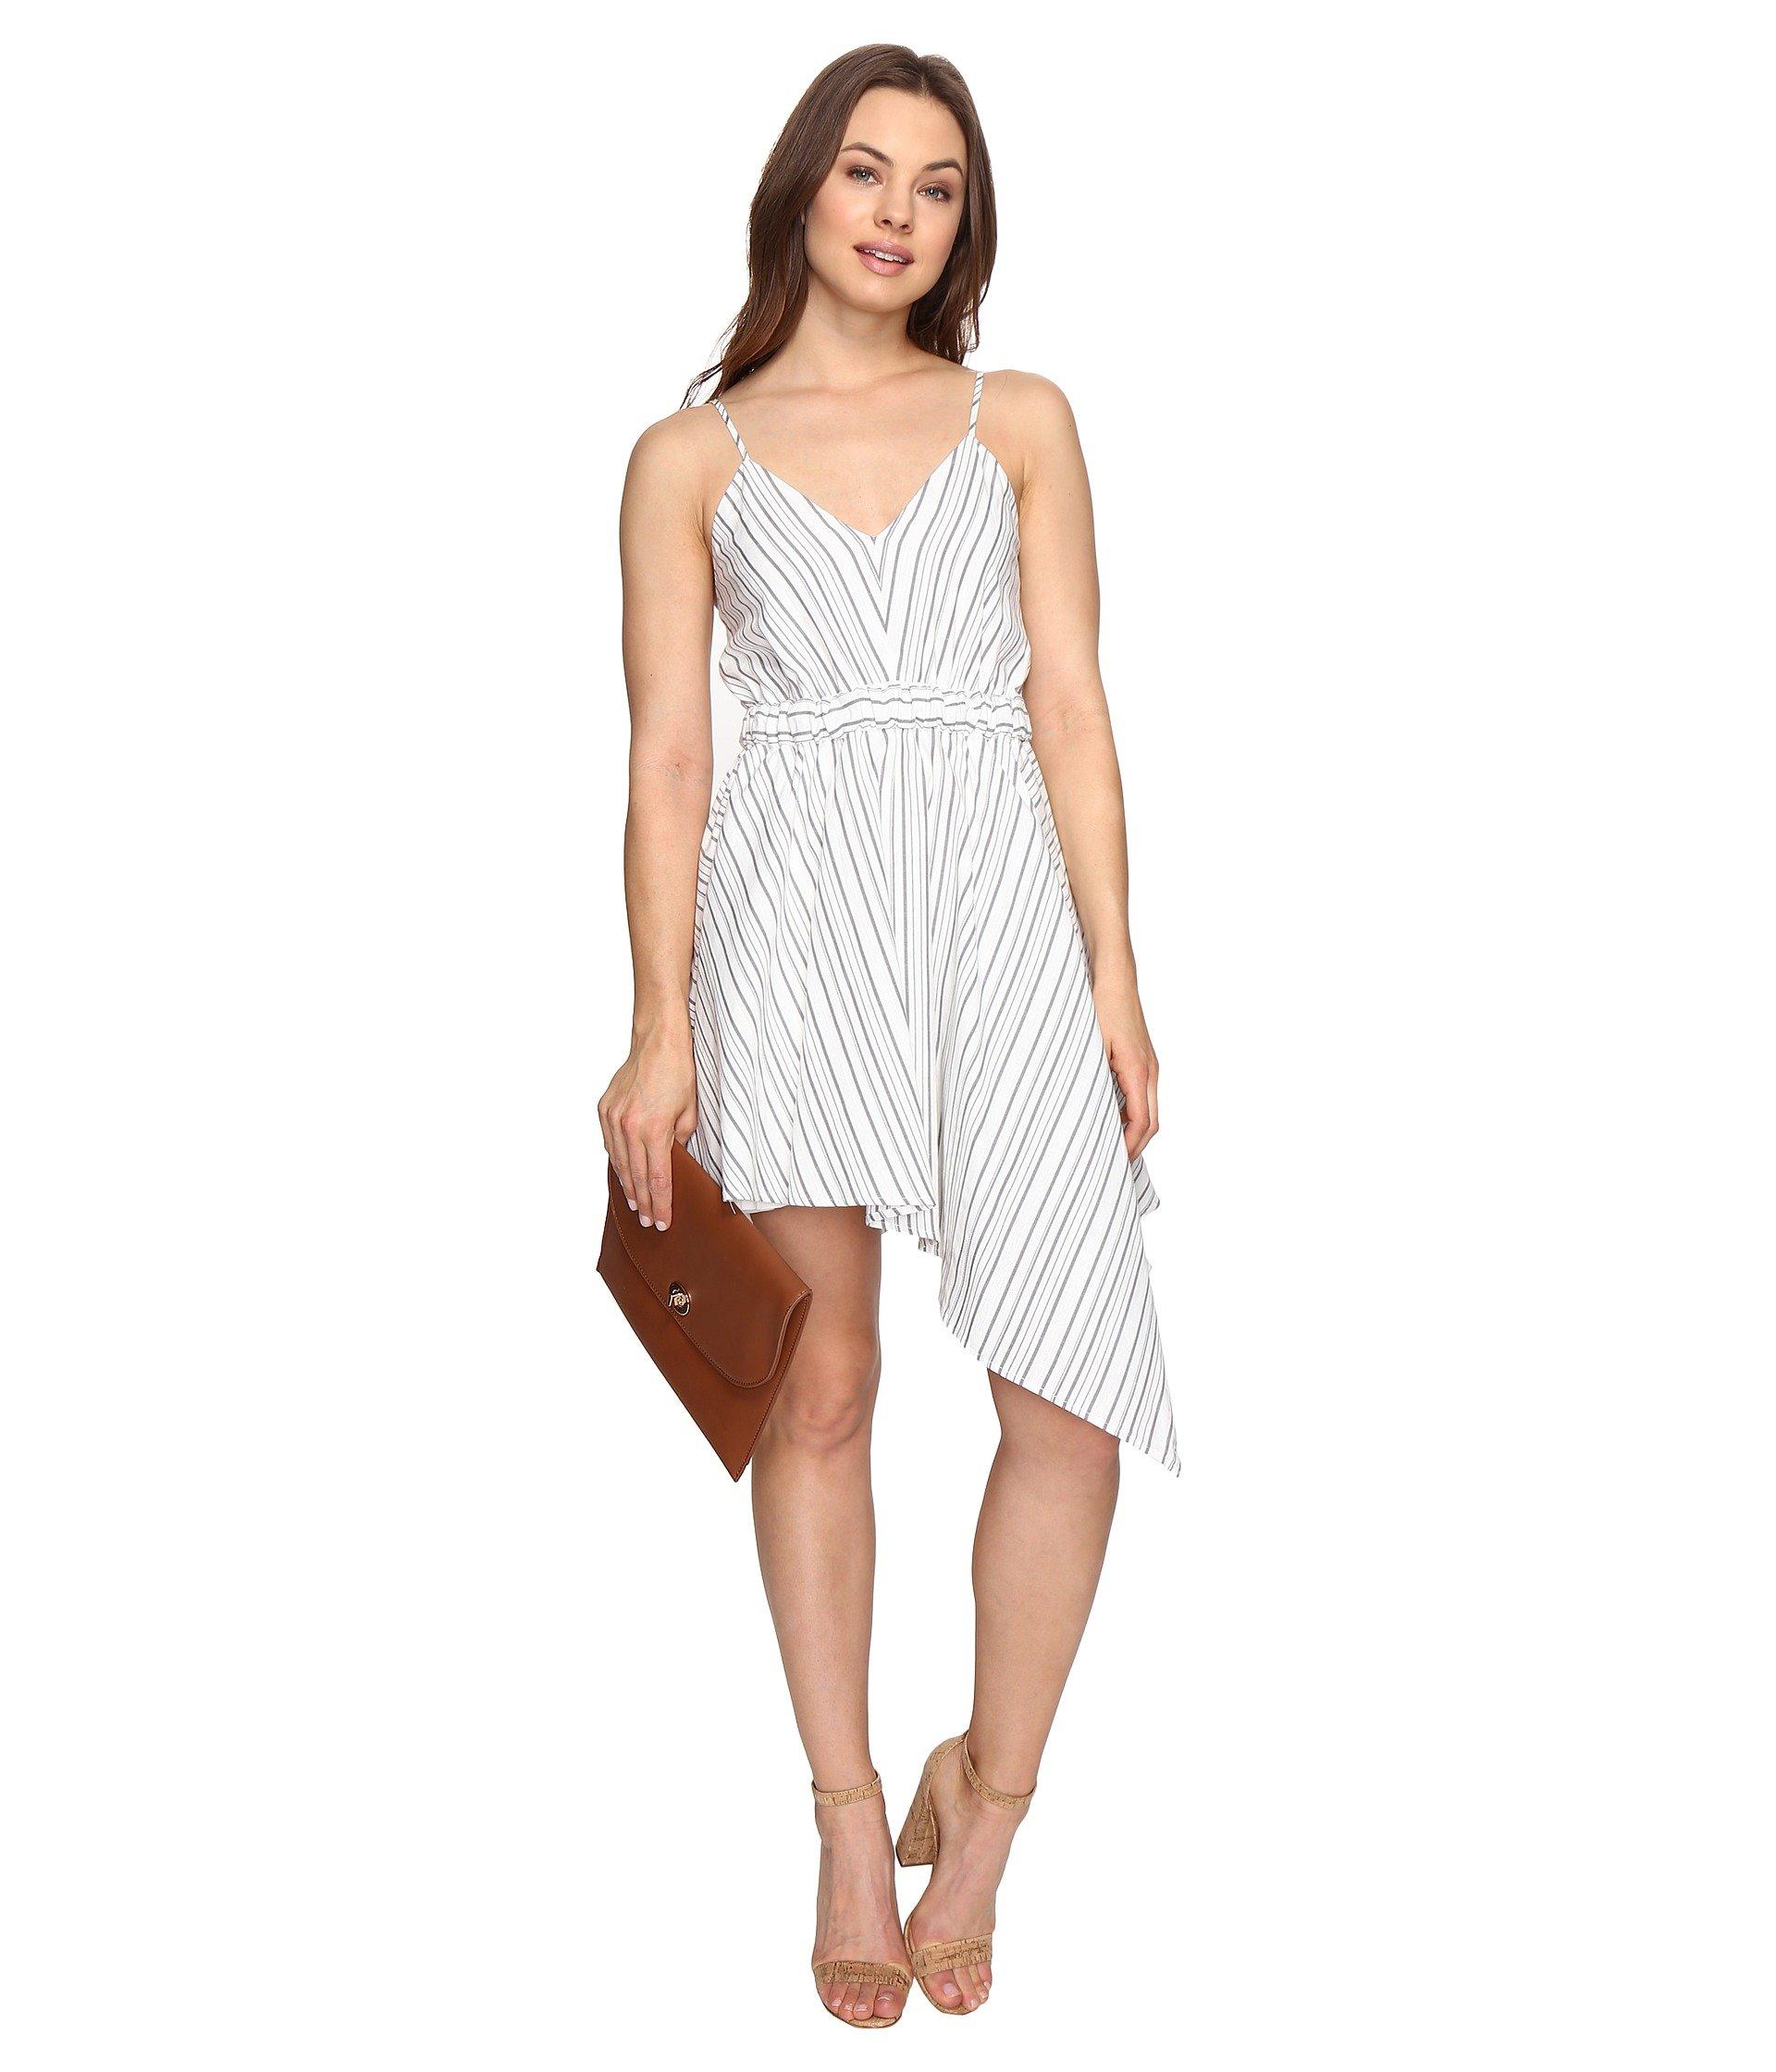 STYLESTALKER Keira Mini Dress in Grey Linear